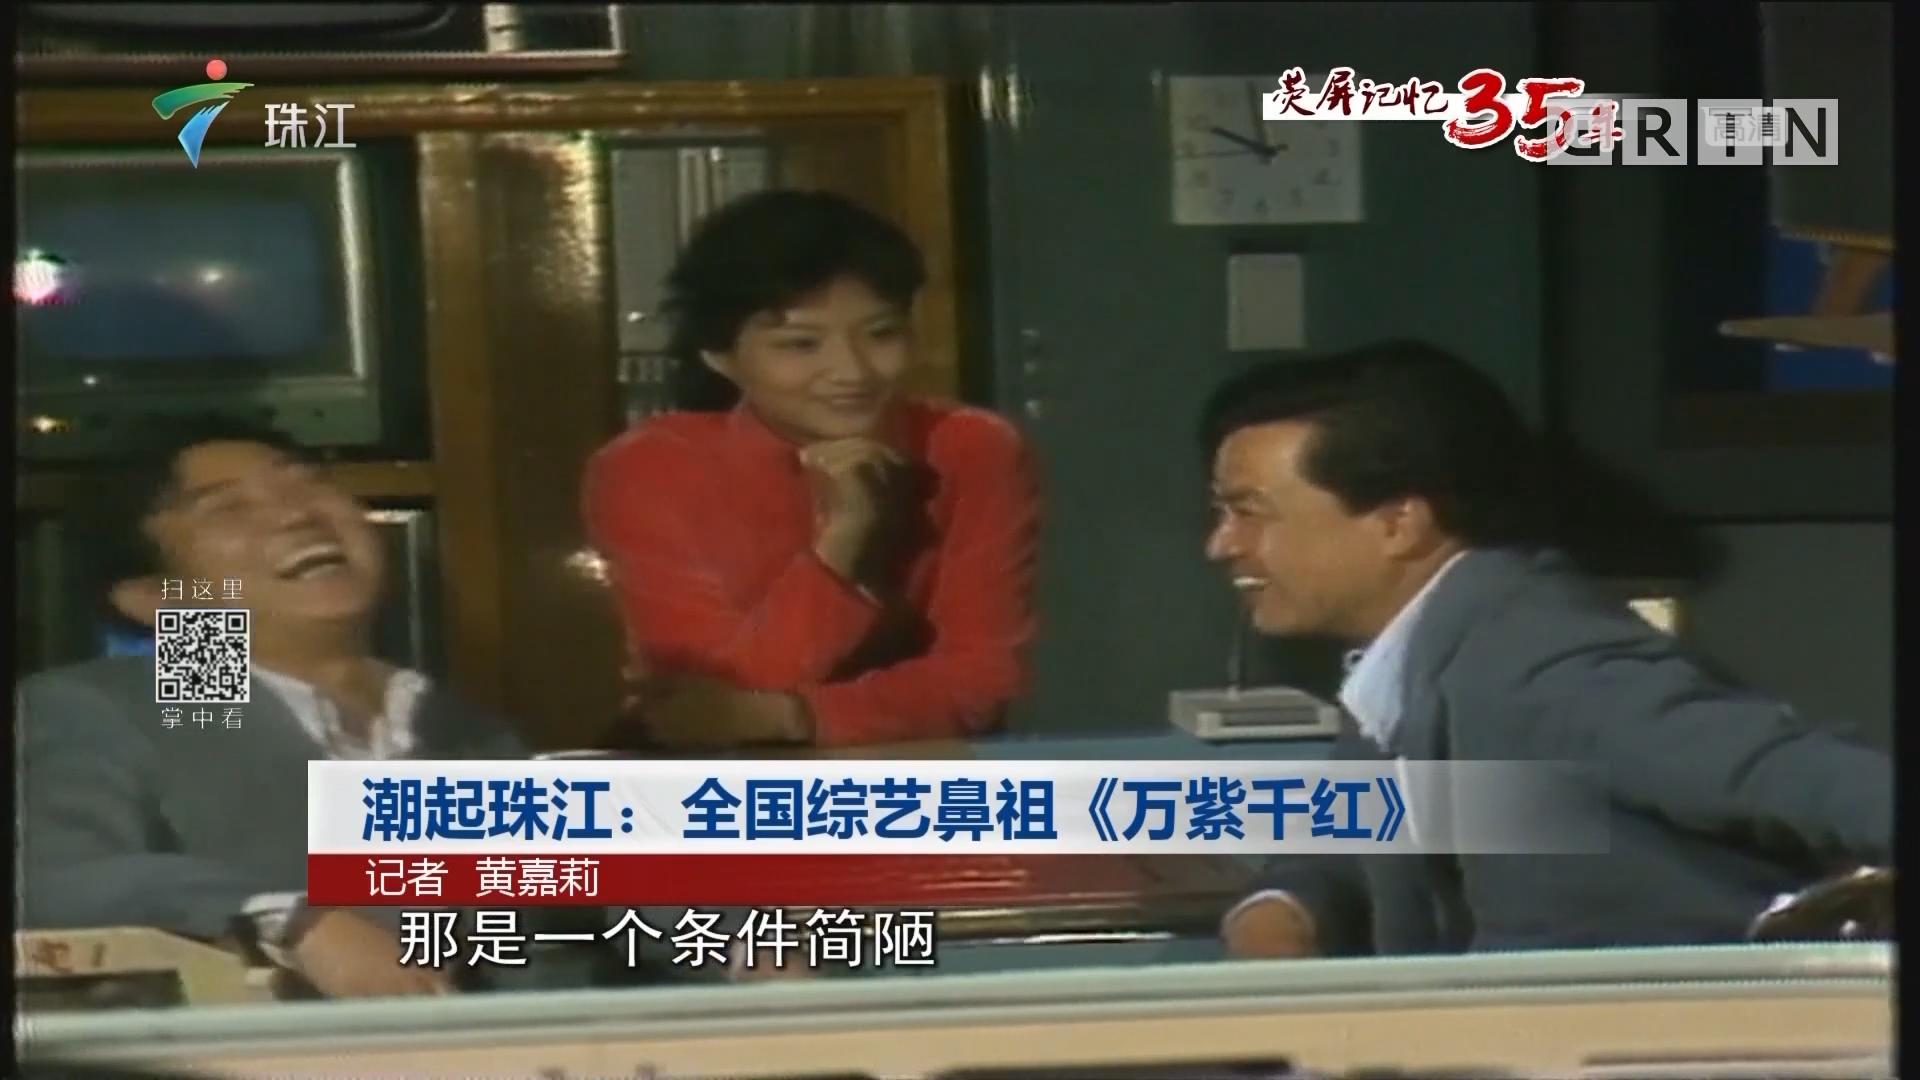 潮起珠江:全国综艺鼻祖《万紫千红》